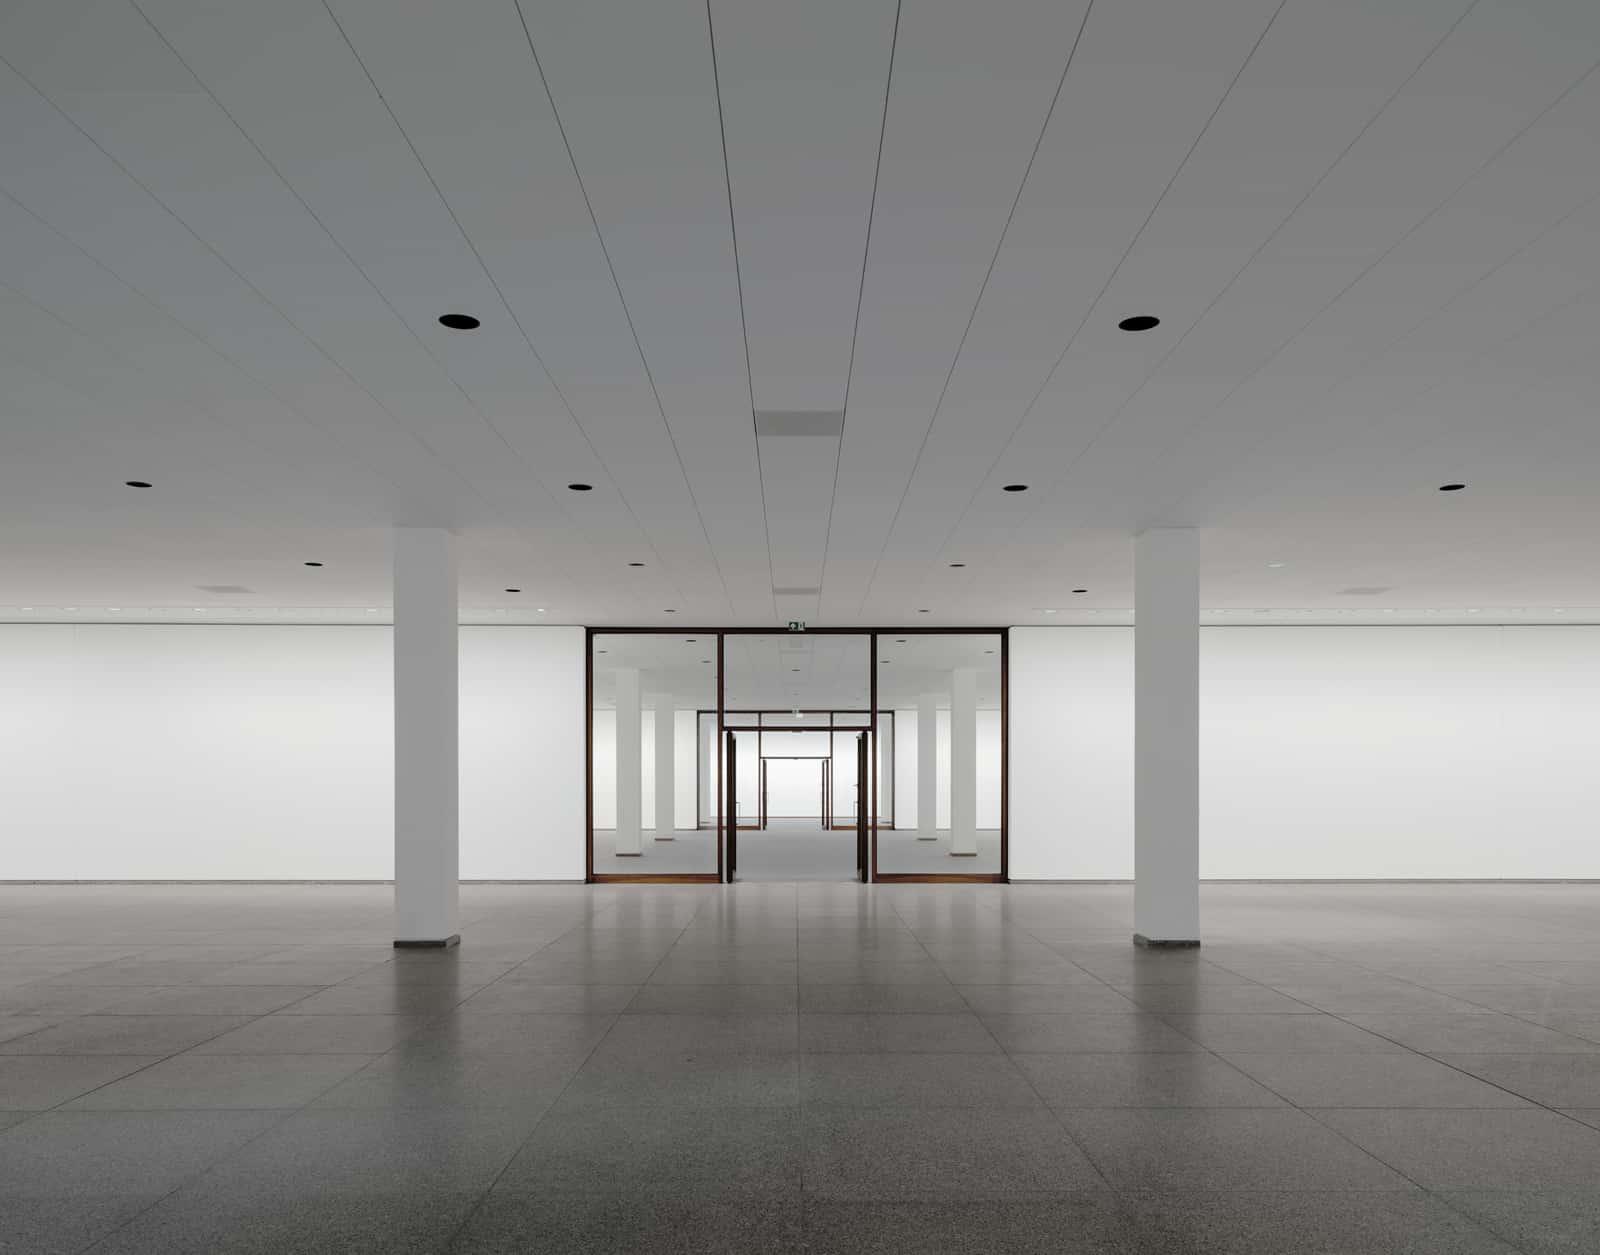 Neue Nationalgalerie Refurbishment  - 20210625 Chipperfield NeueNationalgalerieRefurbishment 10 53